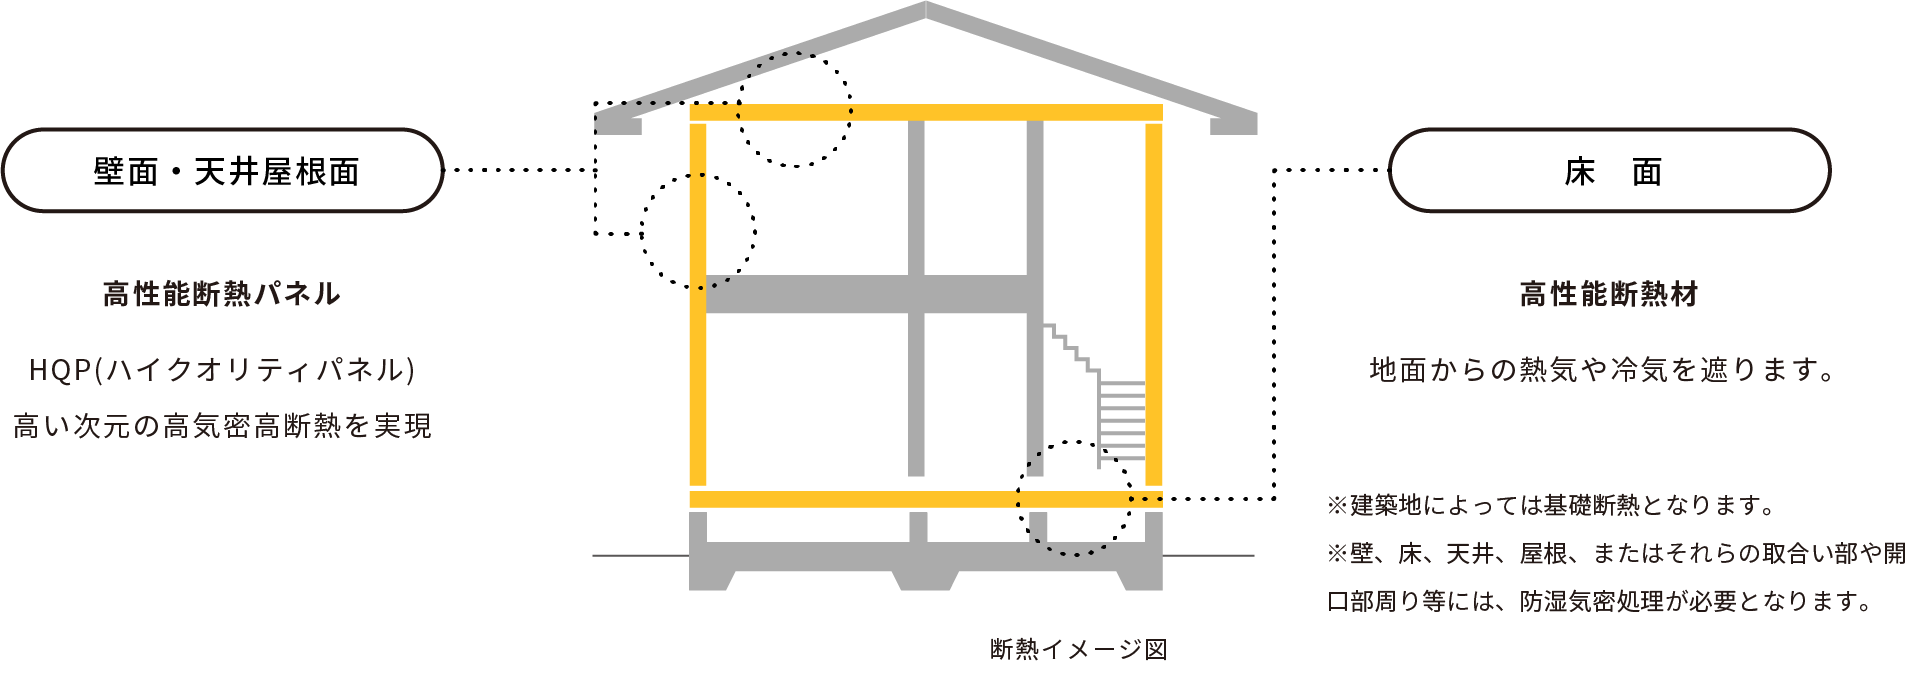 断熱イメージ図